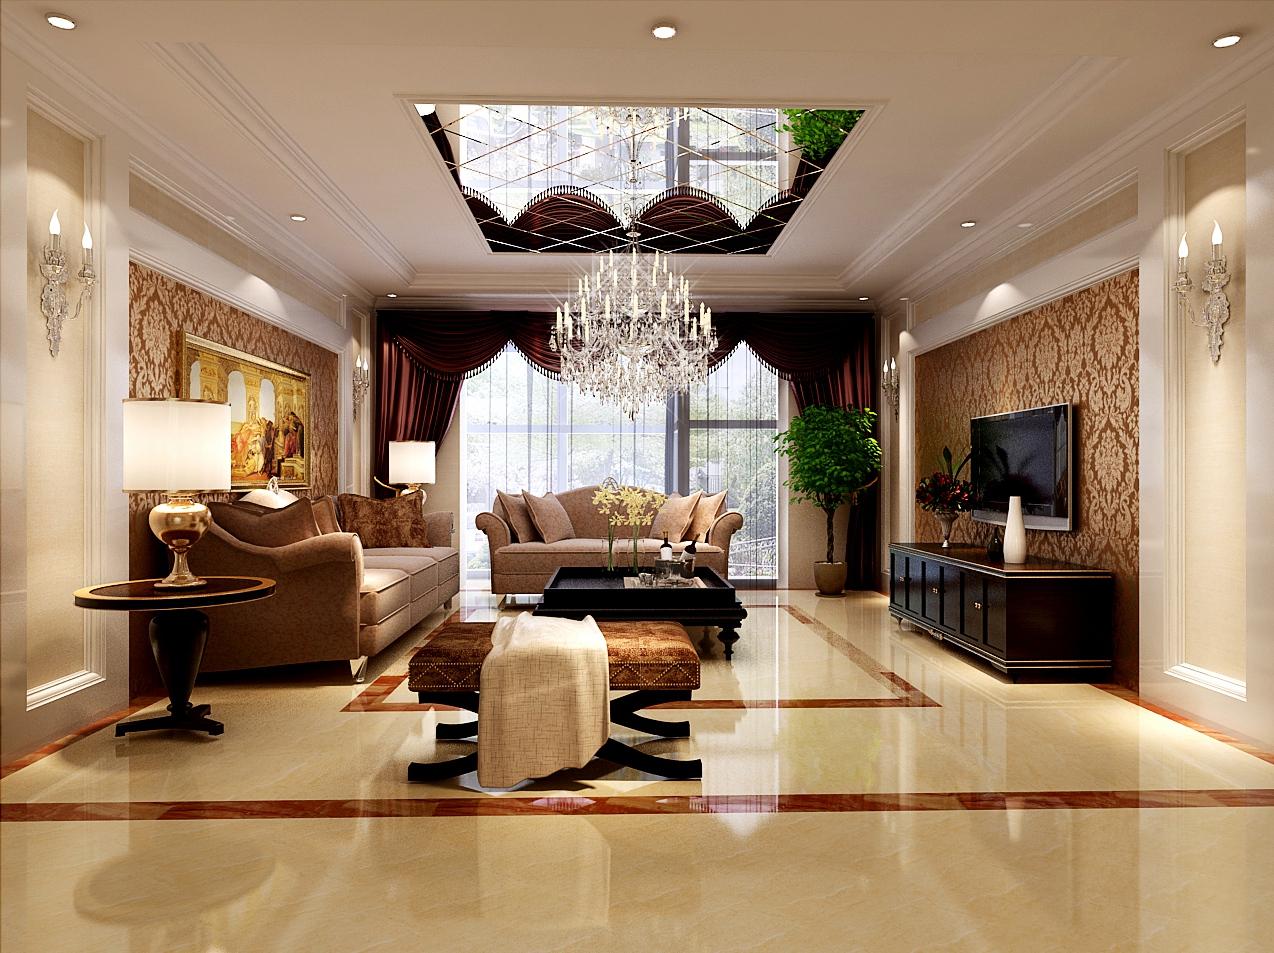 简约 现代 二居 客厅图片来自居然元洲装饰小杨在金色漫香林复式两居现代简约的分享